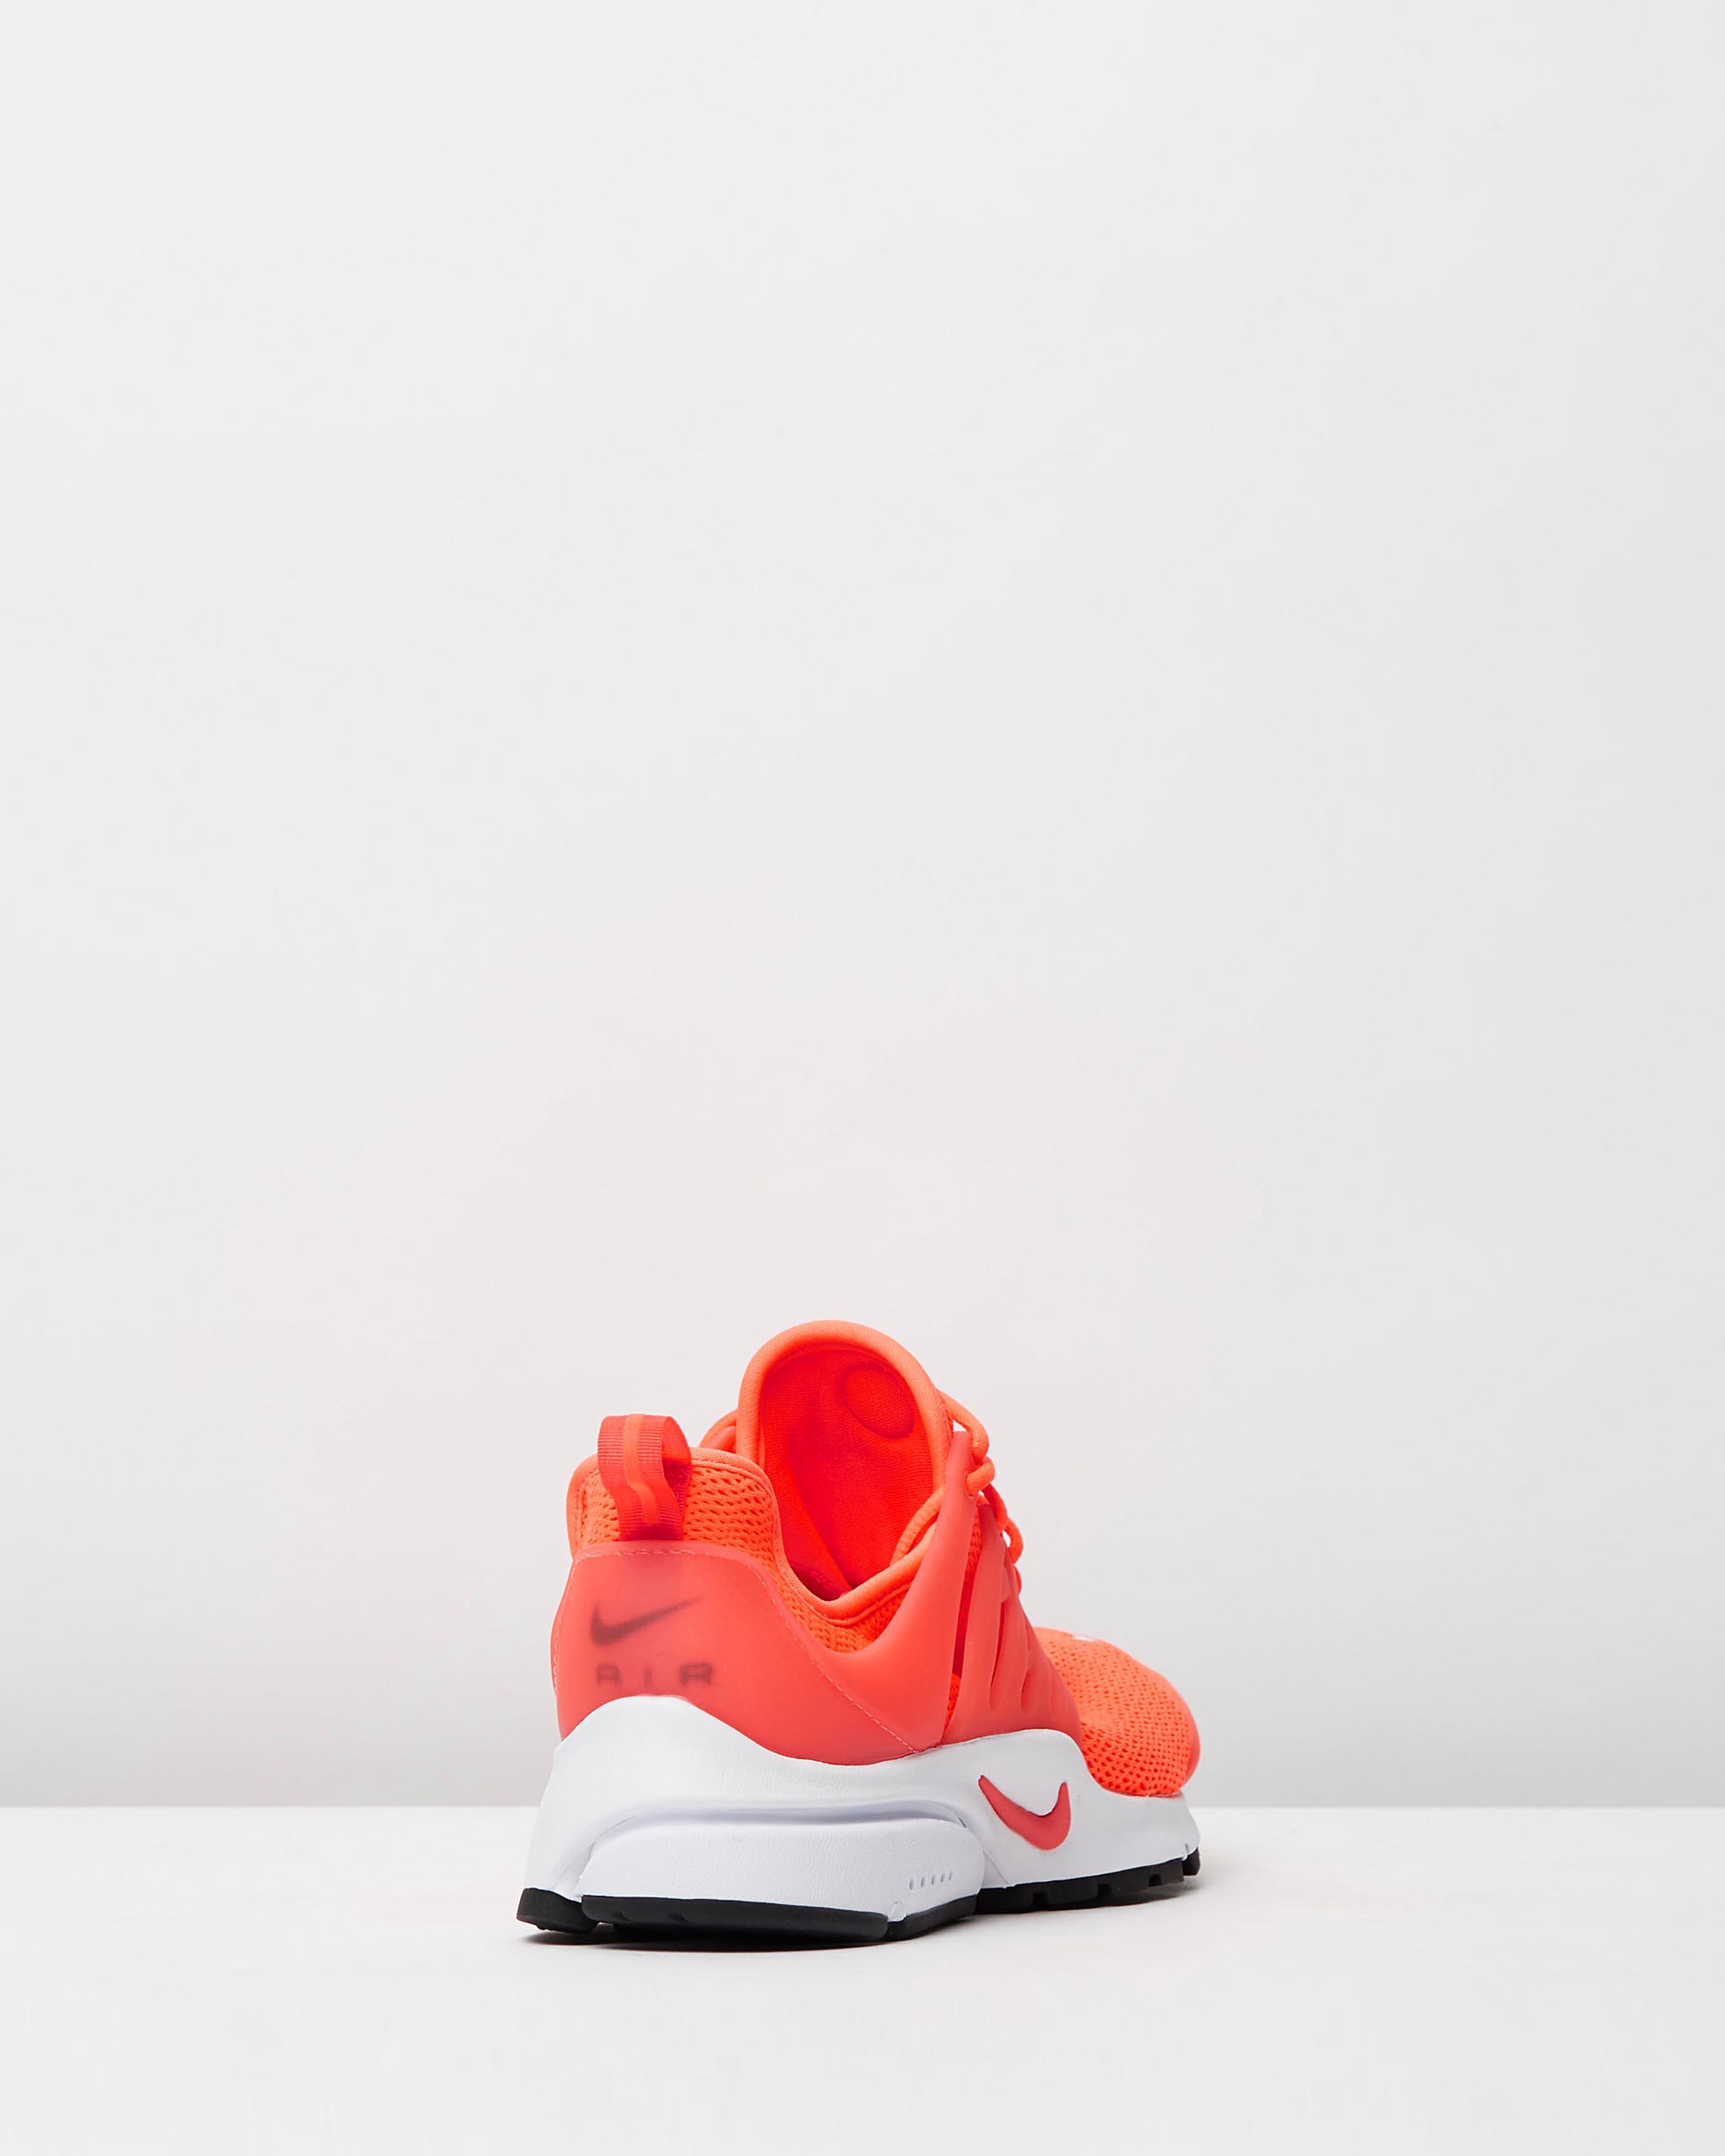 Nike Presto Womens Oransje uMivNNI6k